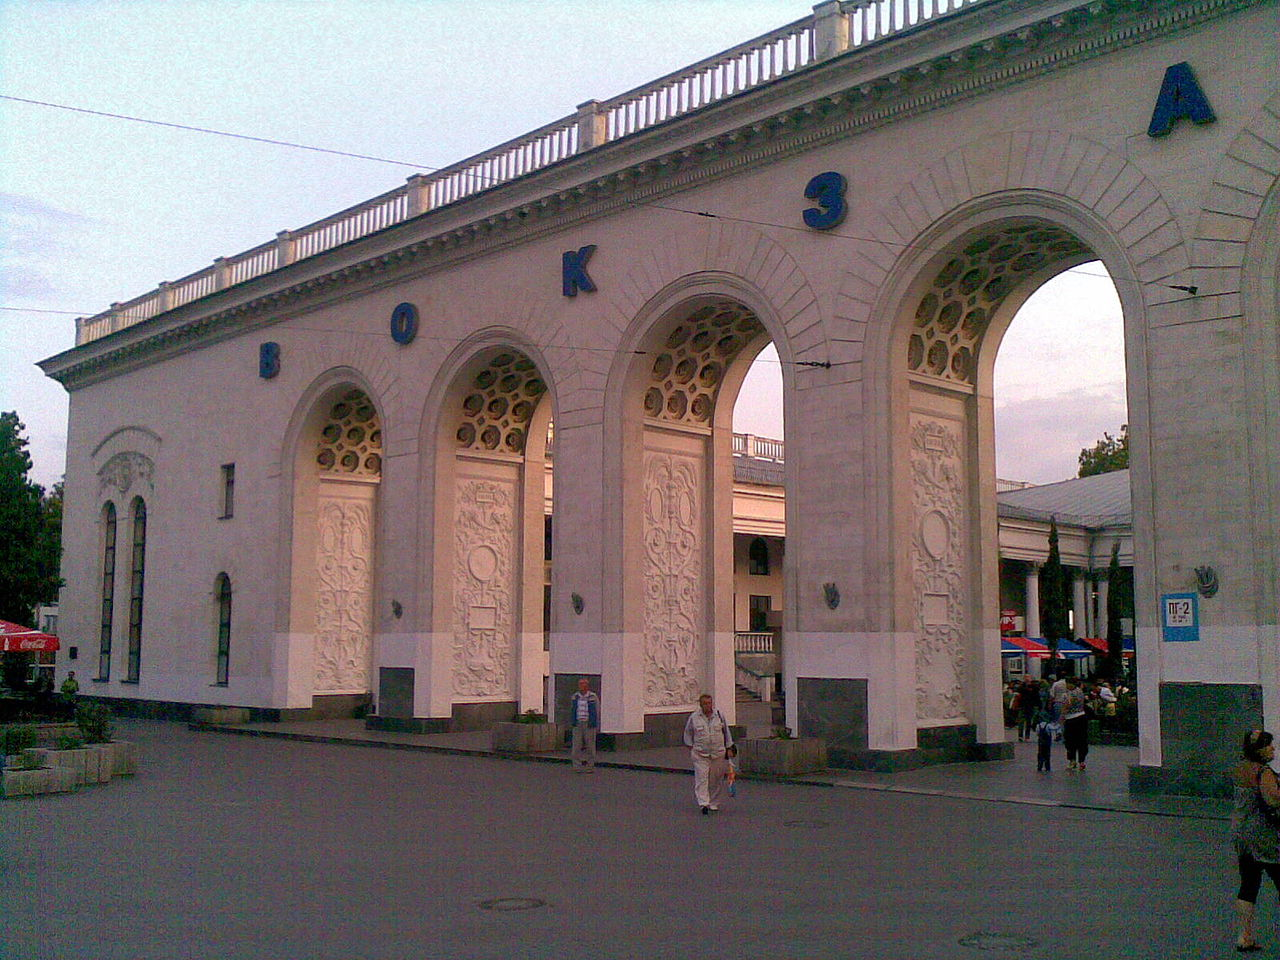 Железнодорожный вокзал Симферополя, арки и внутренний дворик